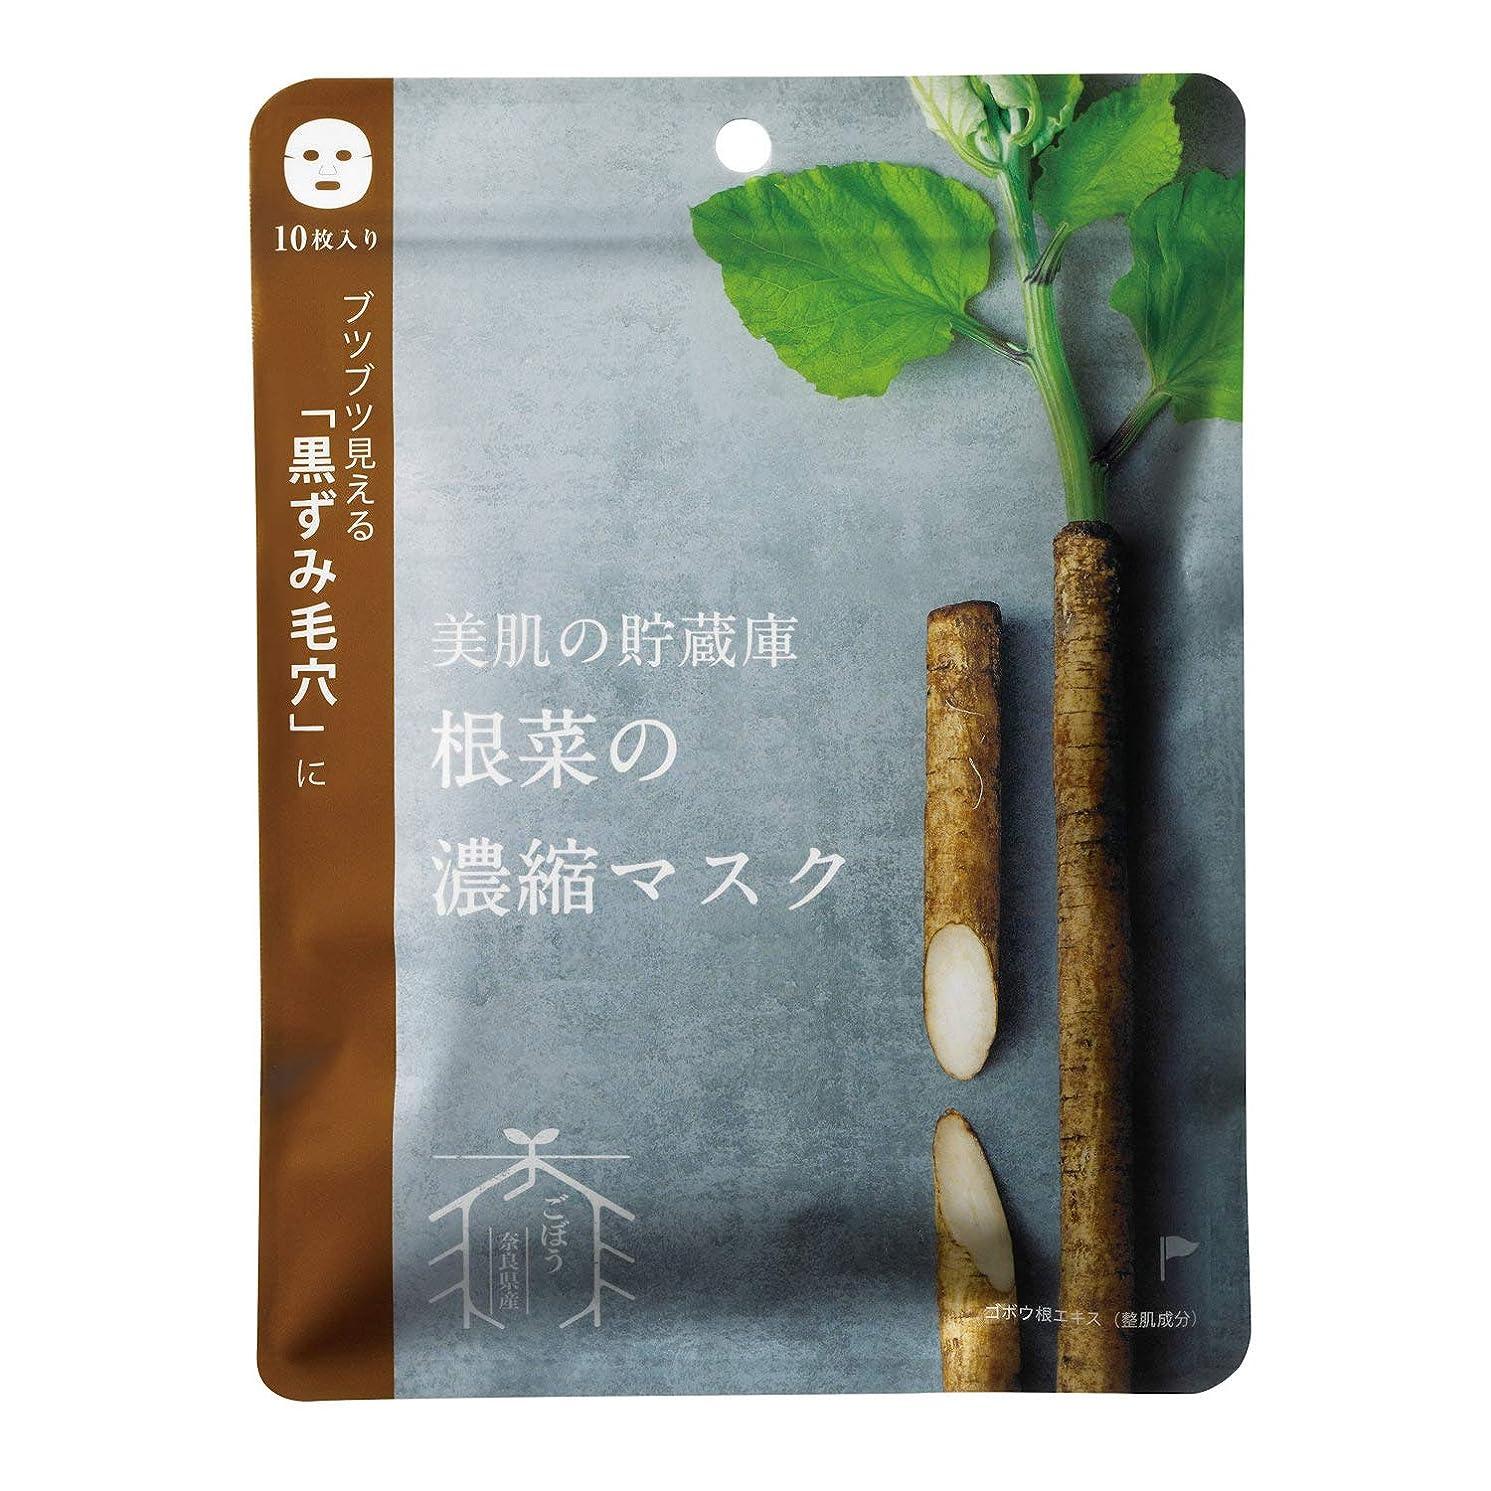 稚魚毎年博覧会@cosme nippon 美肌の貯蔵庫 根菜の濃縮マスク 宇陀金ごぼう 10枚 160ml